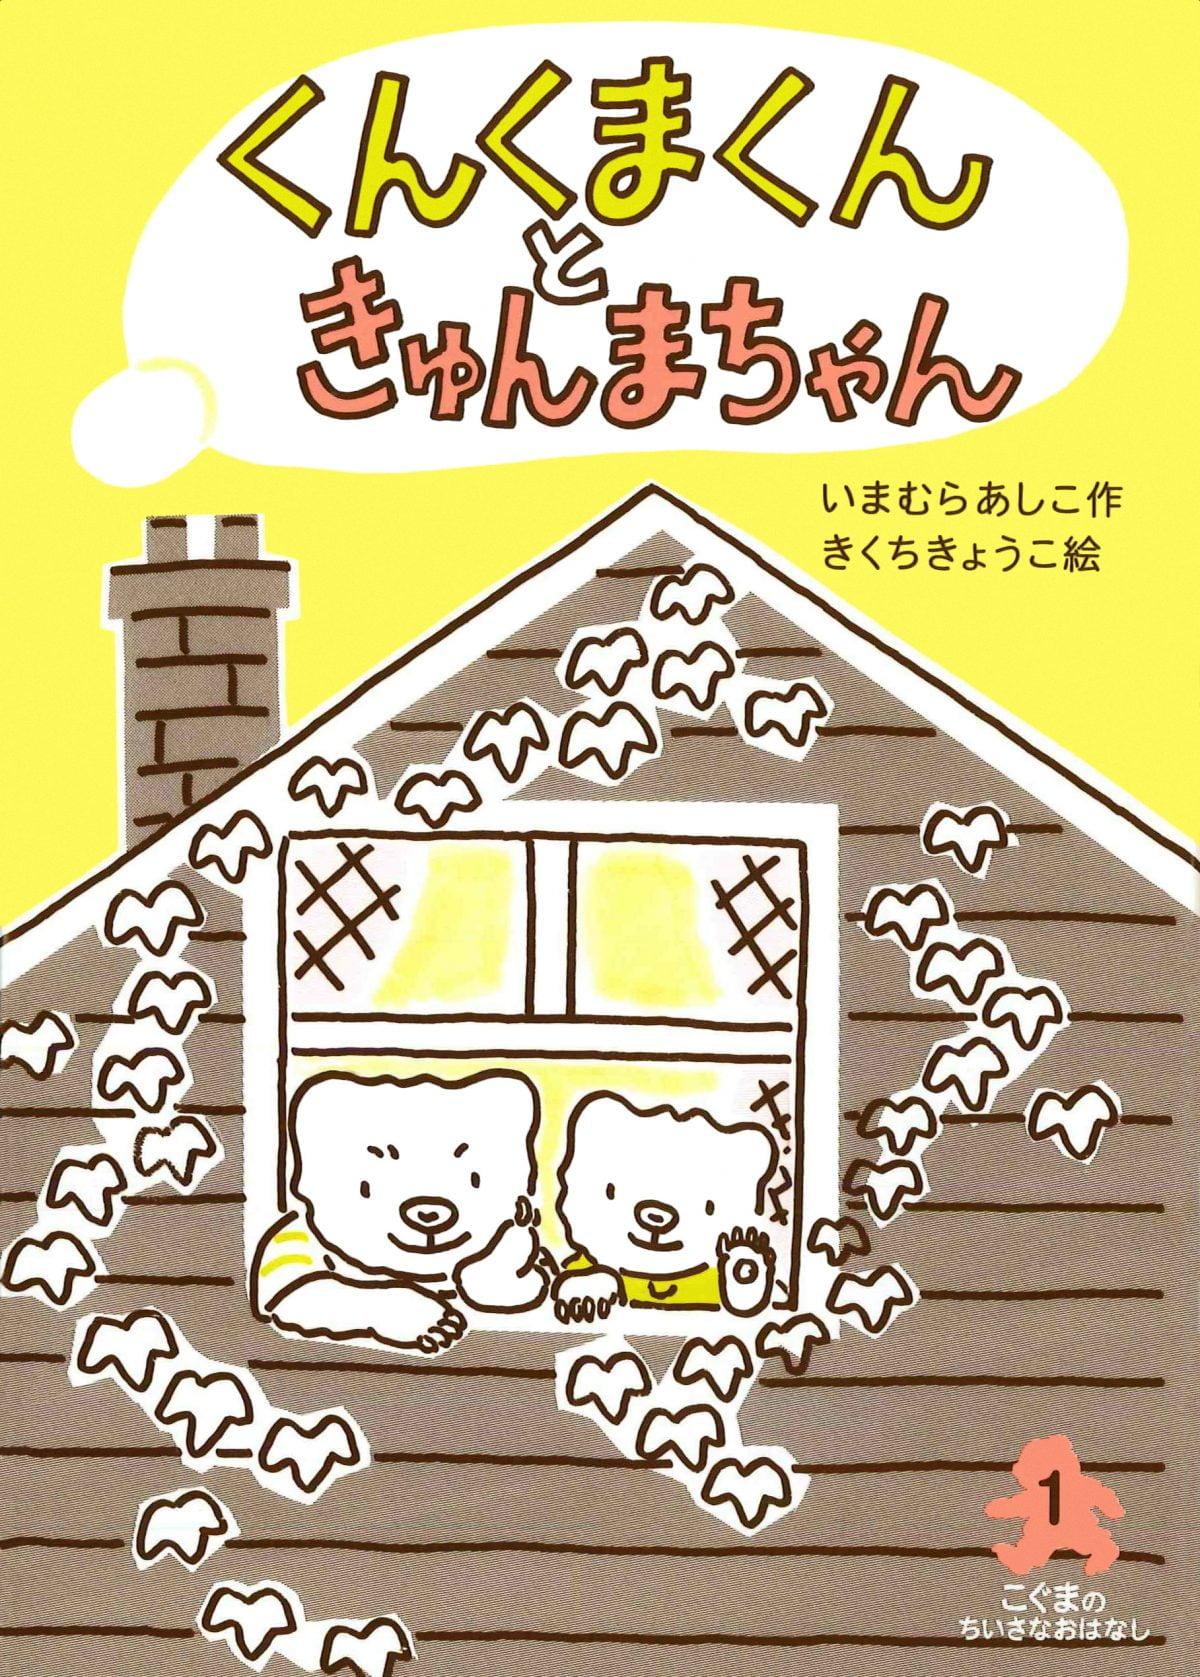 絵本「くんくまくんときゅんまちゃん」の表紙